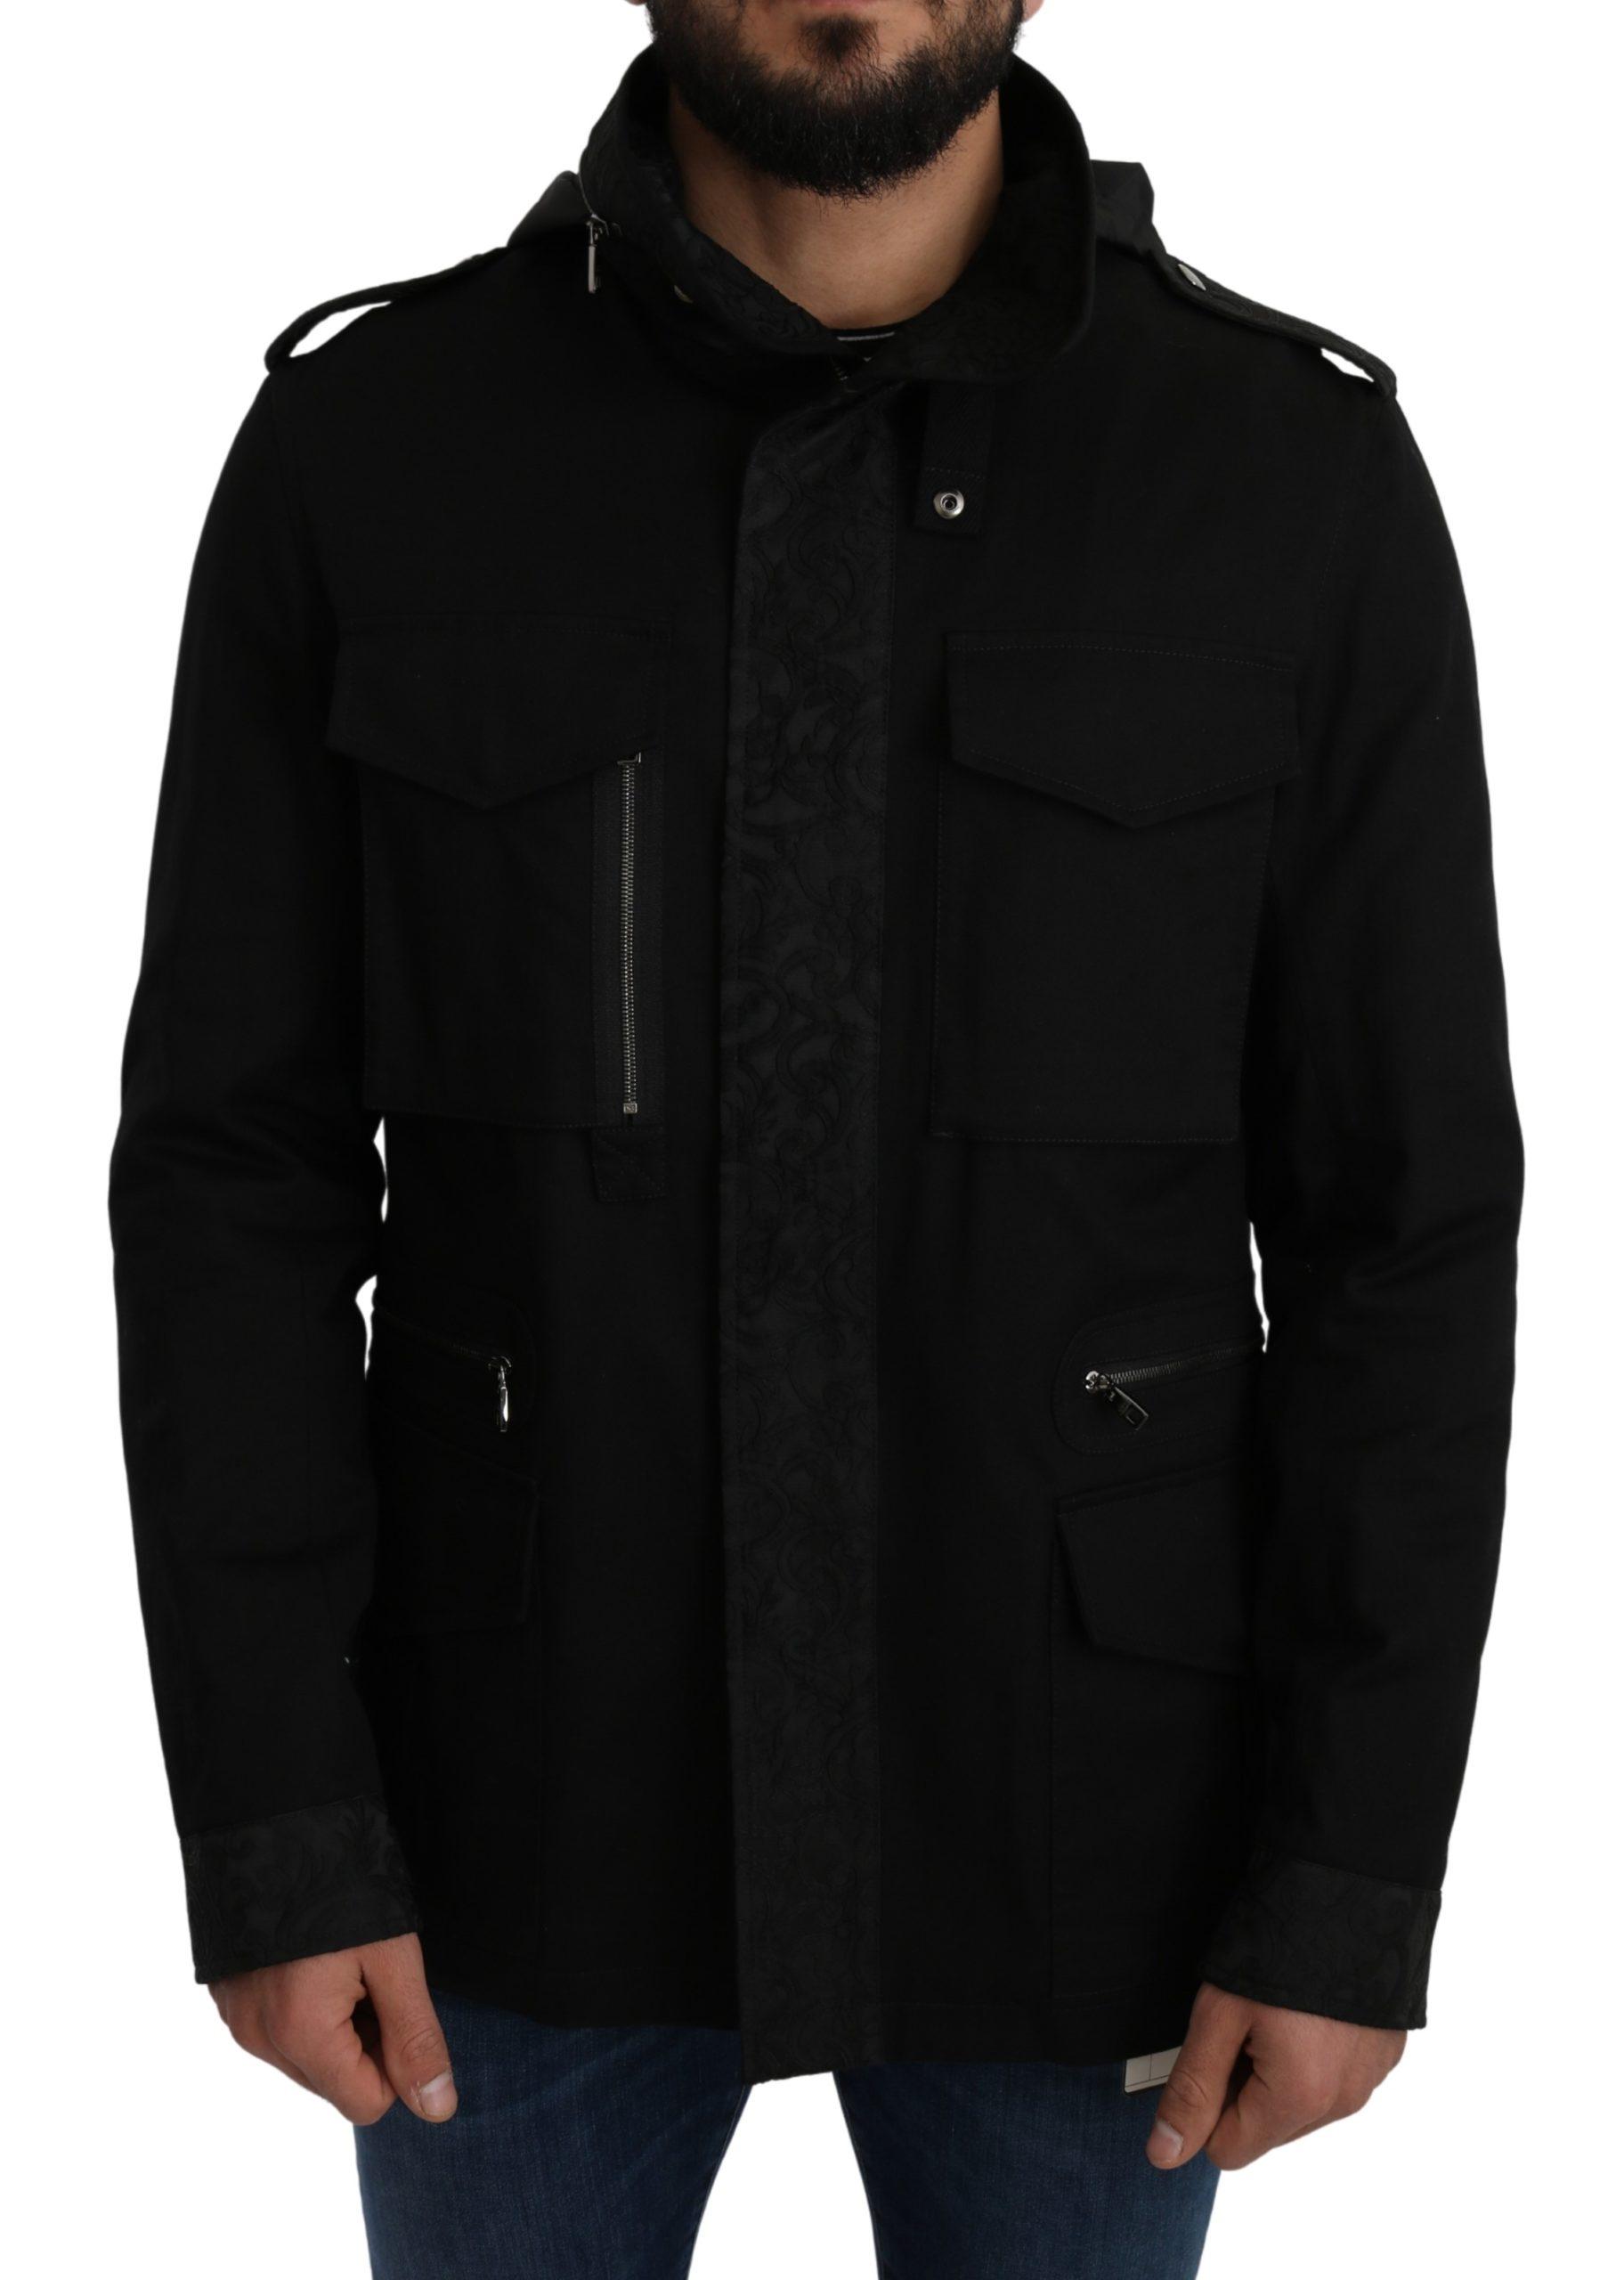 Dolce & Gabbana Men's Solid Jacquard Coat Hooded Jacket Black JKT2658 - IT50   L